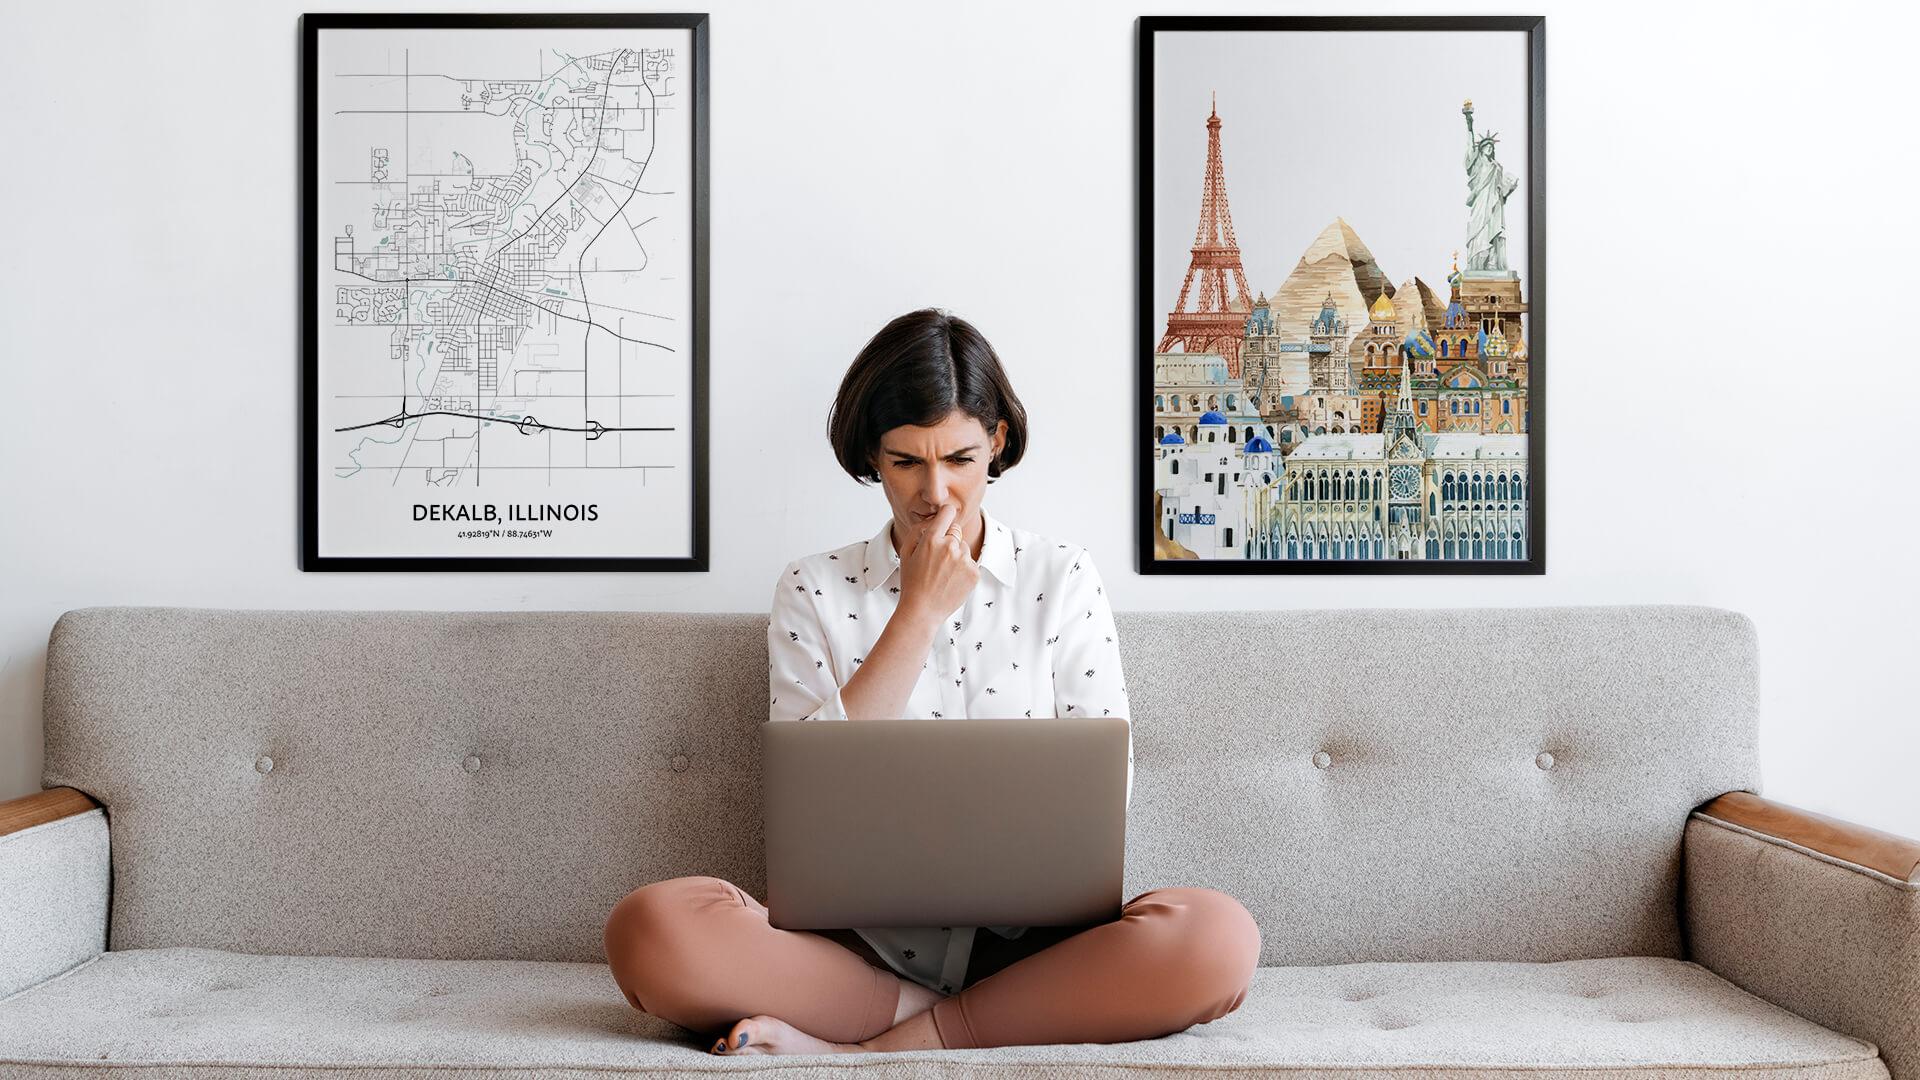 Dekalb city map art